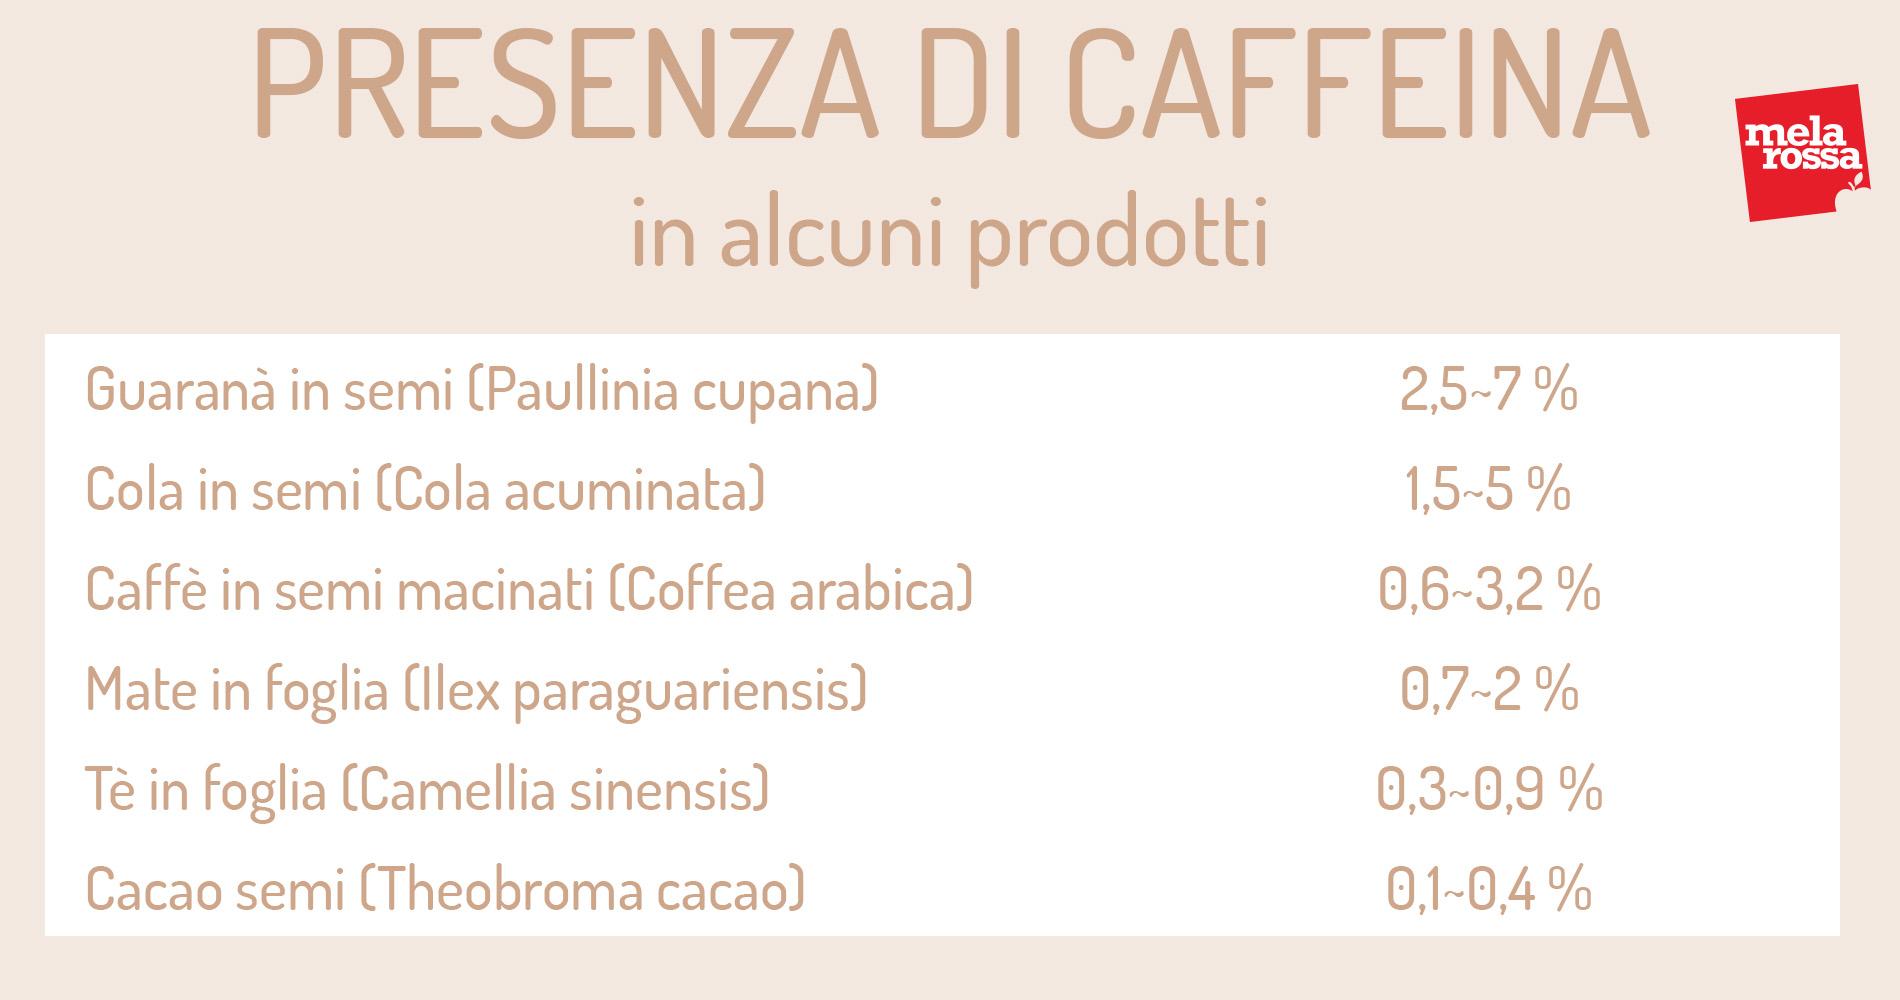 presenza di caffeina nei prodotti